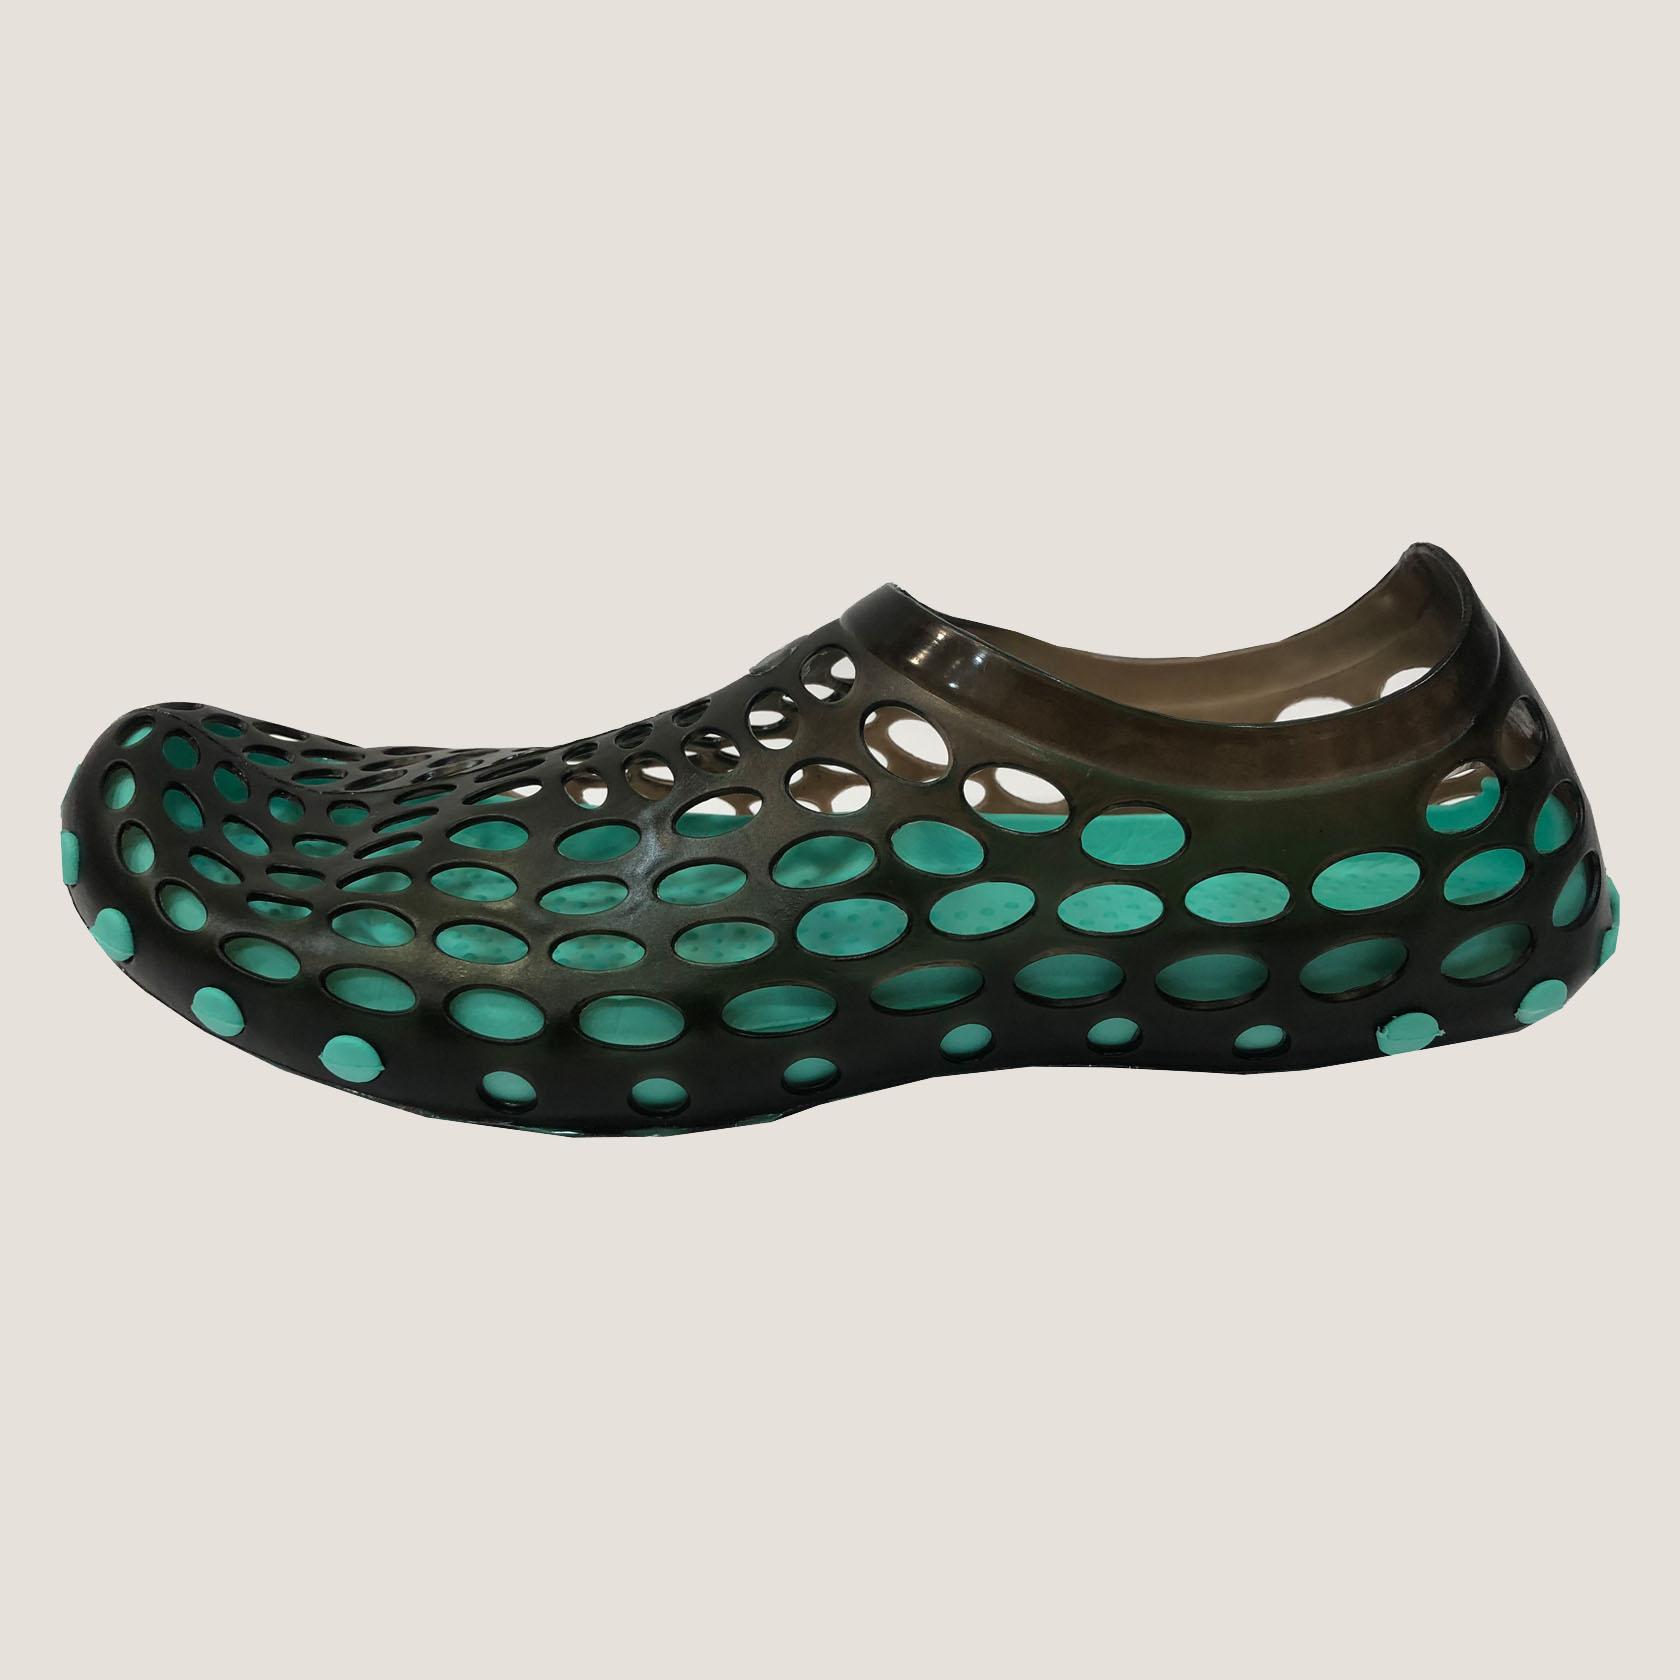 کفش ساحلی مردانه سعیدی مدل 7447